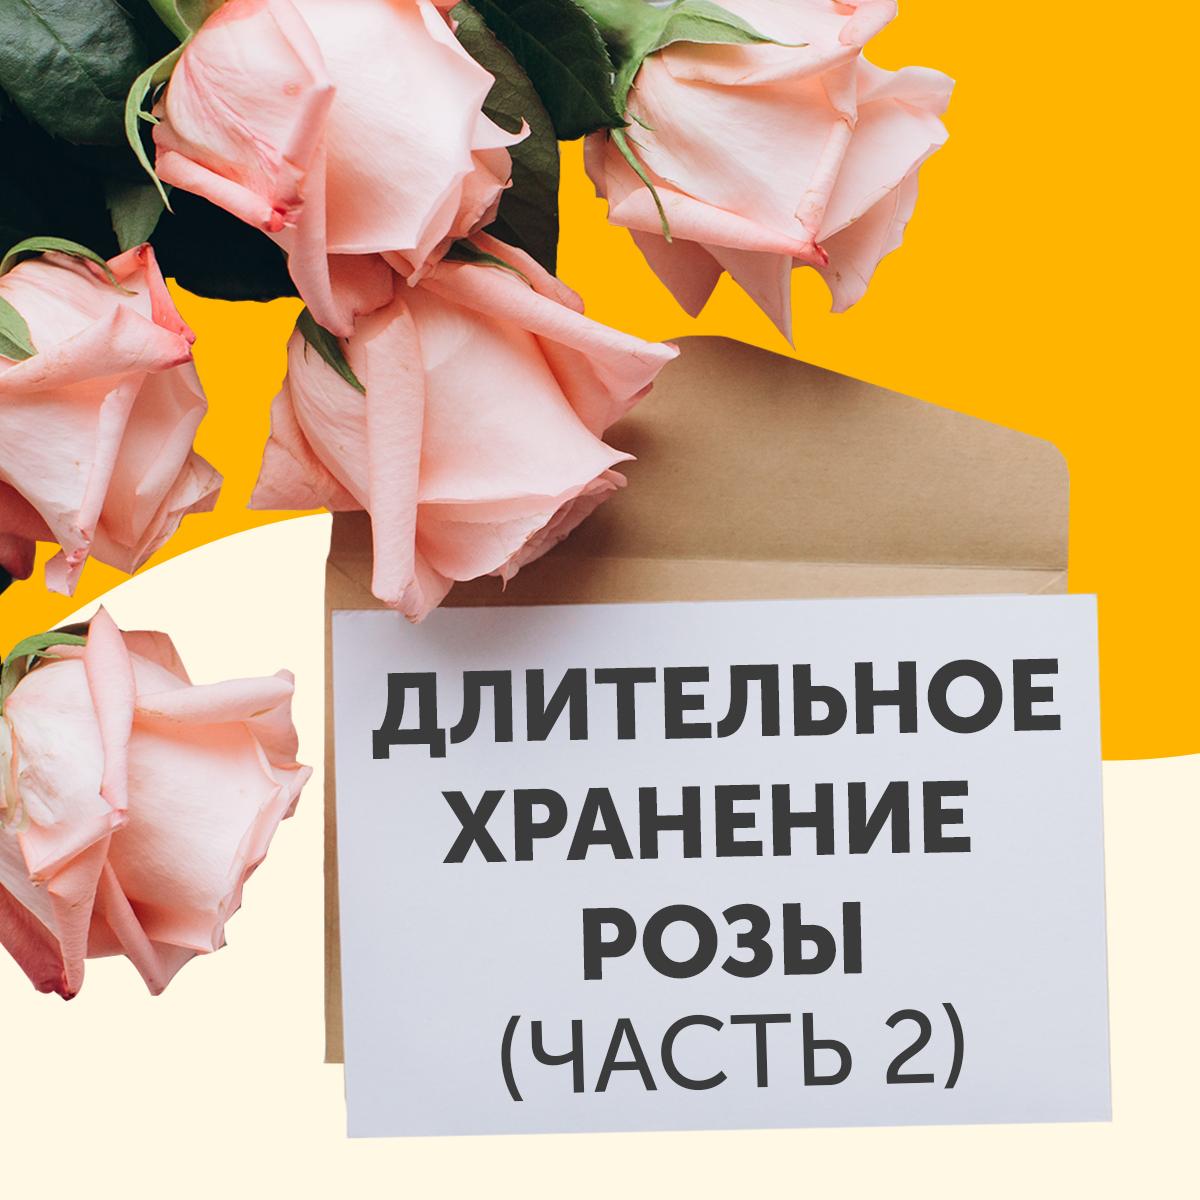 хранение розы ч2